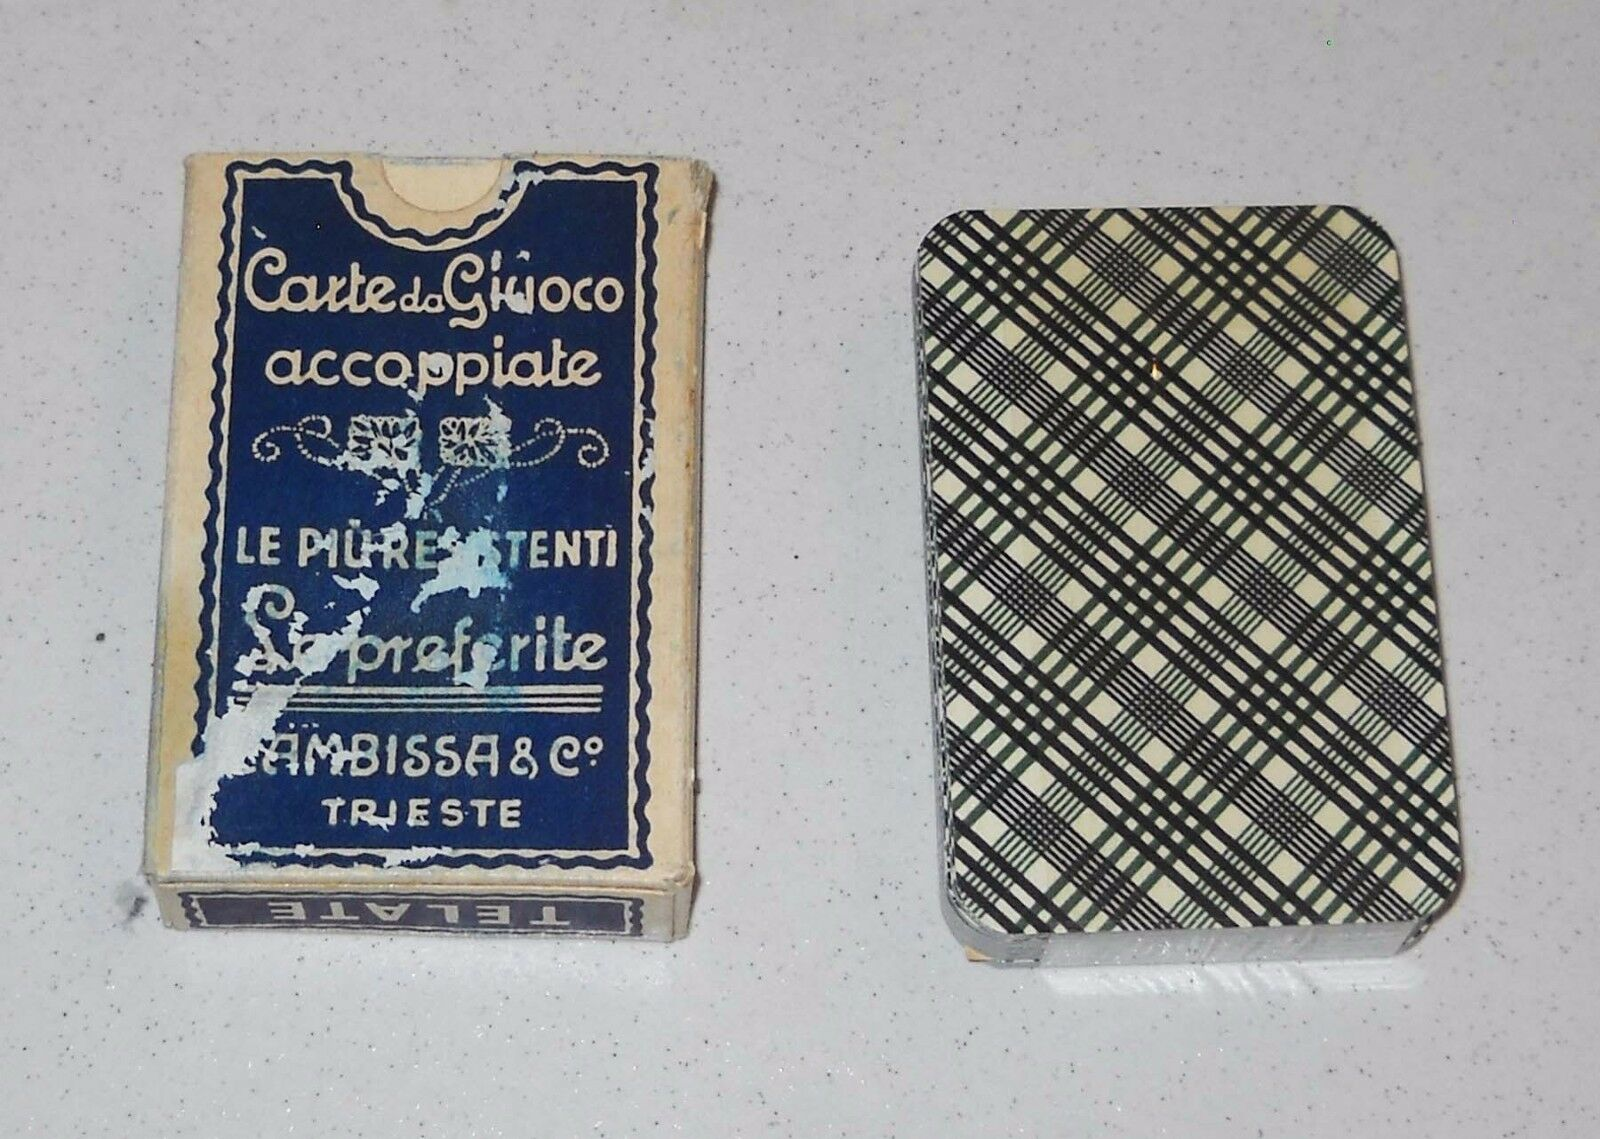 Cartes à à à jouer jeu PIÉMONT 90 PROJET CAMBISSA & C Trieste 1959 à Écosse 974e82